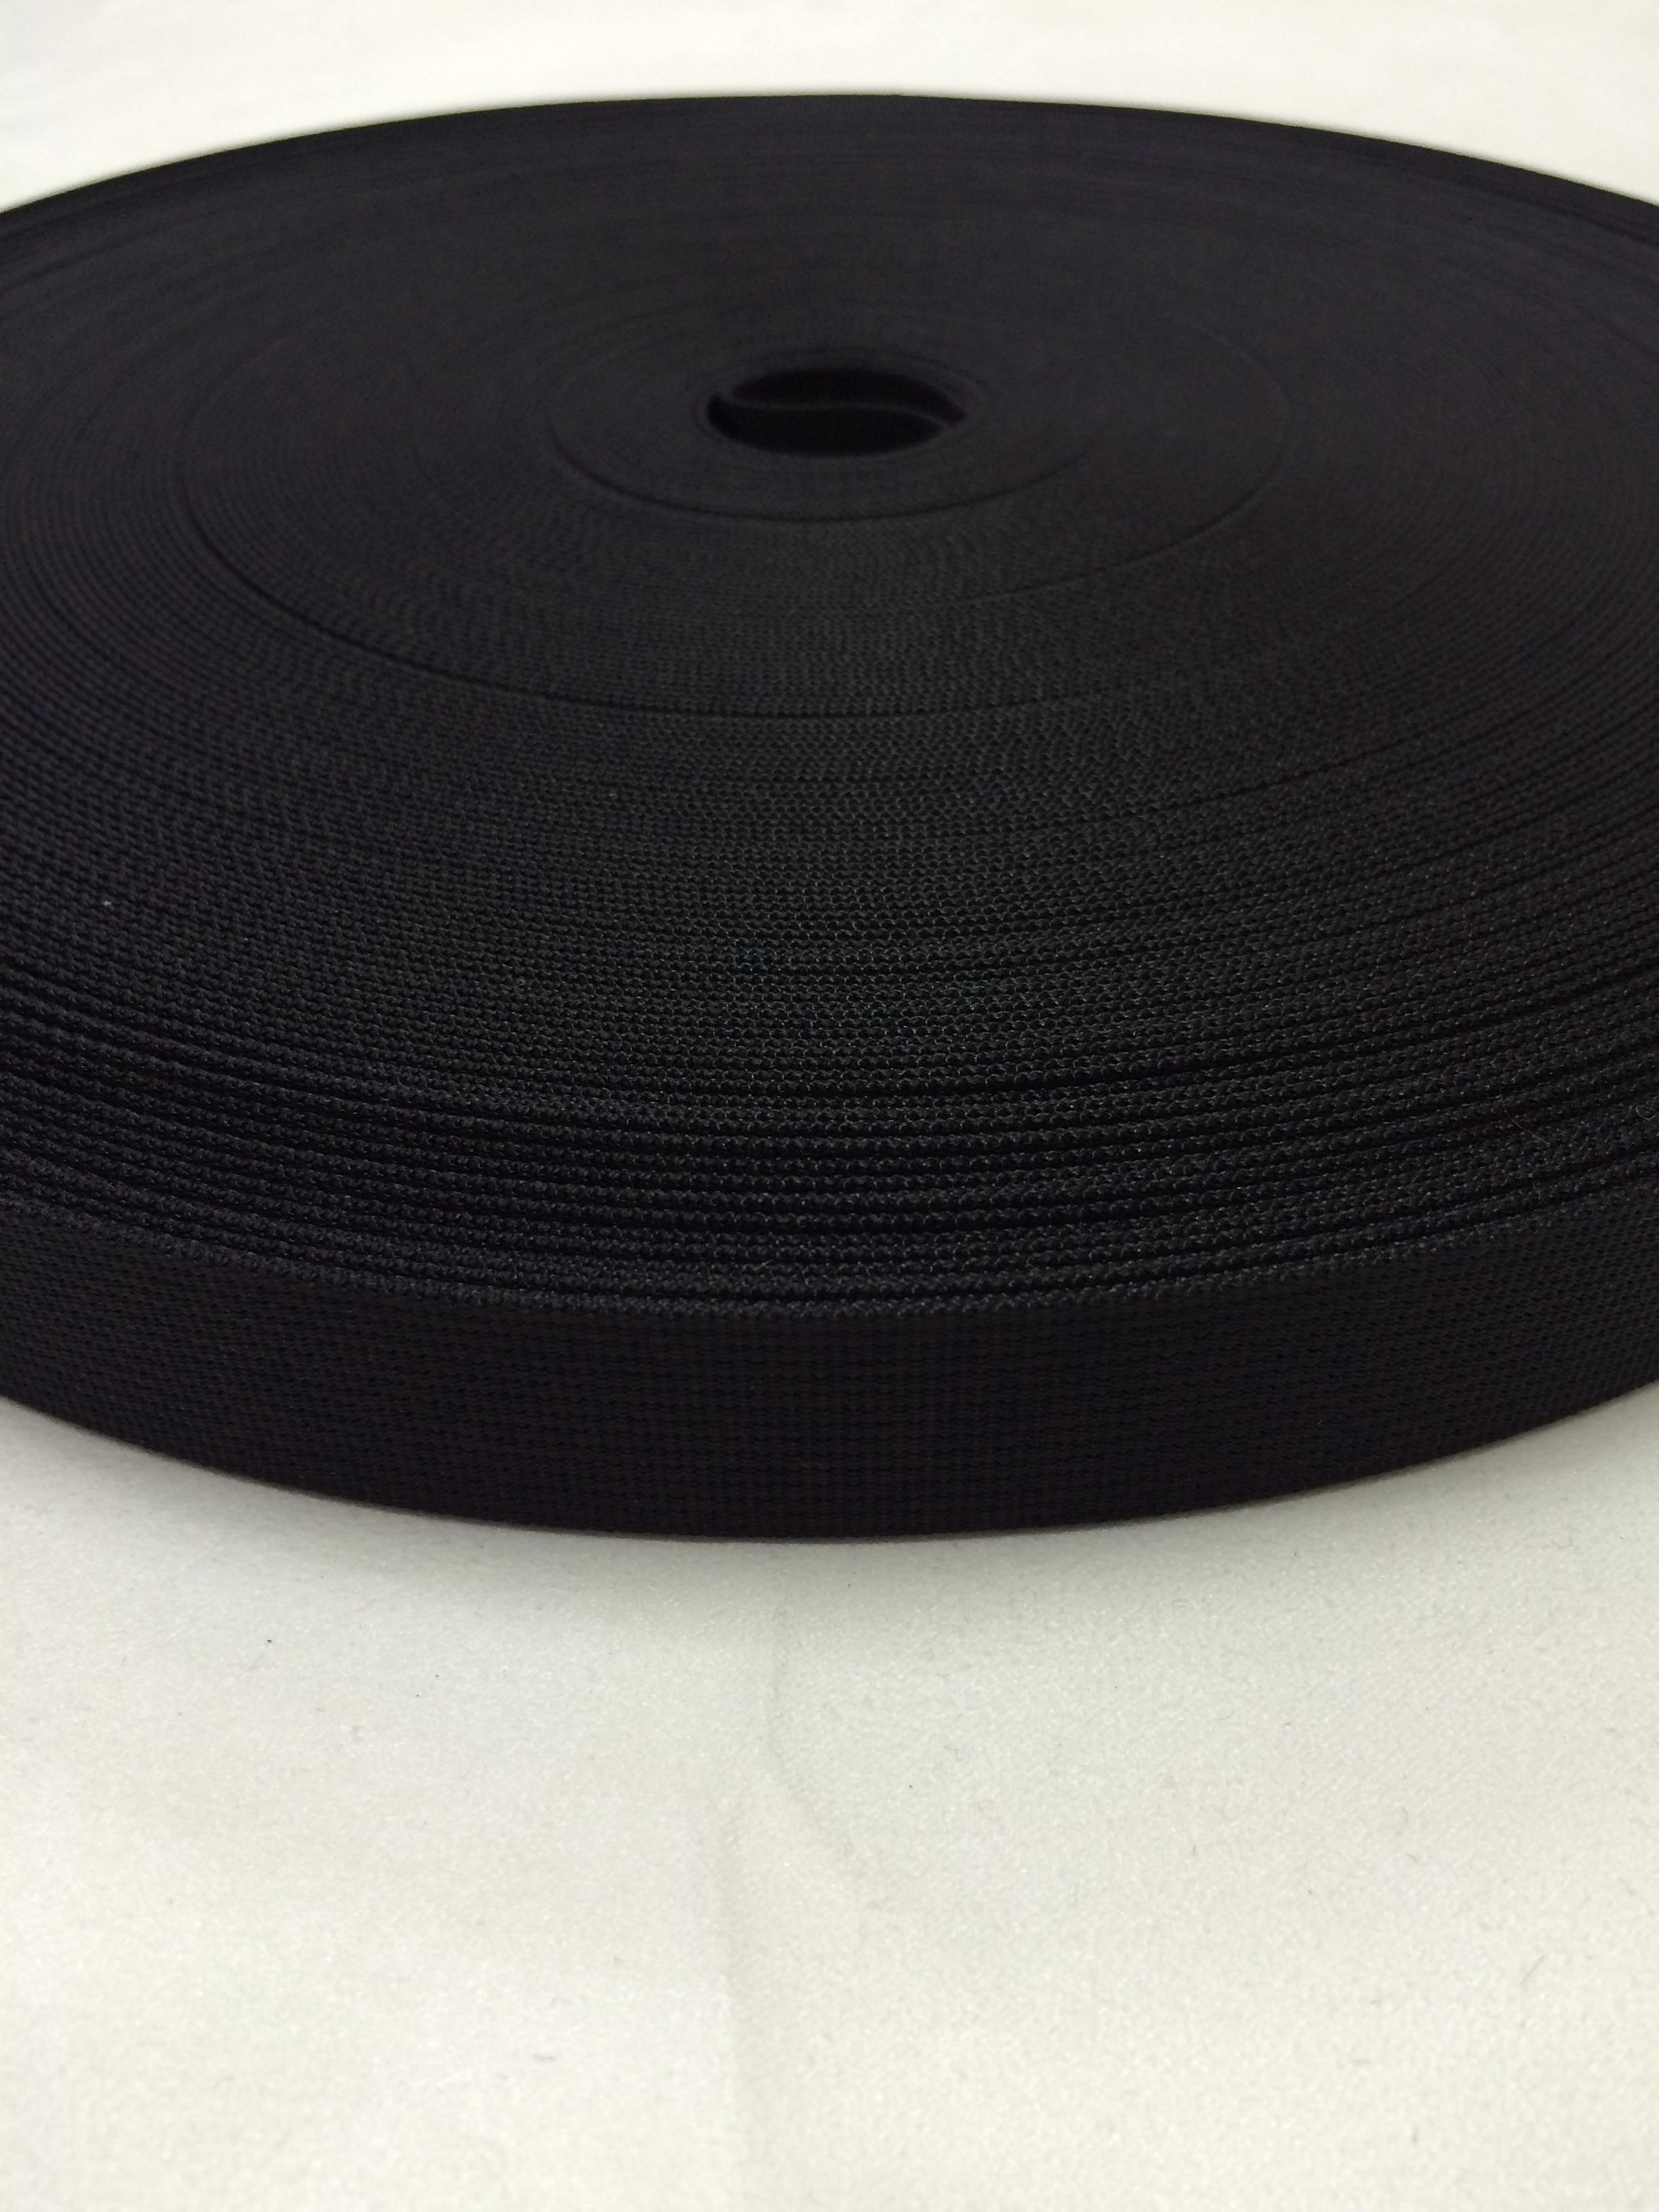 リュックやザックのヒモに最適な ナイロン ベルト 高密度 20mm幅 1mm厚 黒 1m